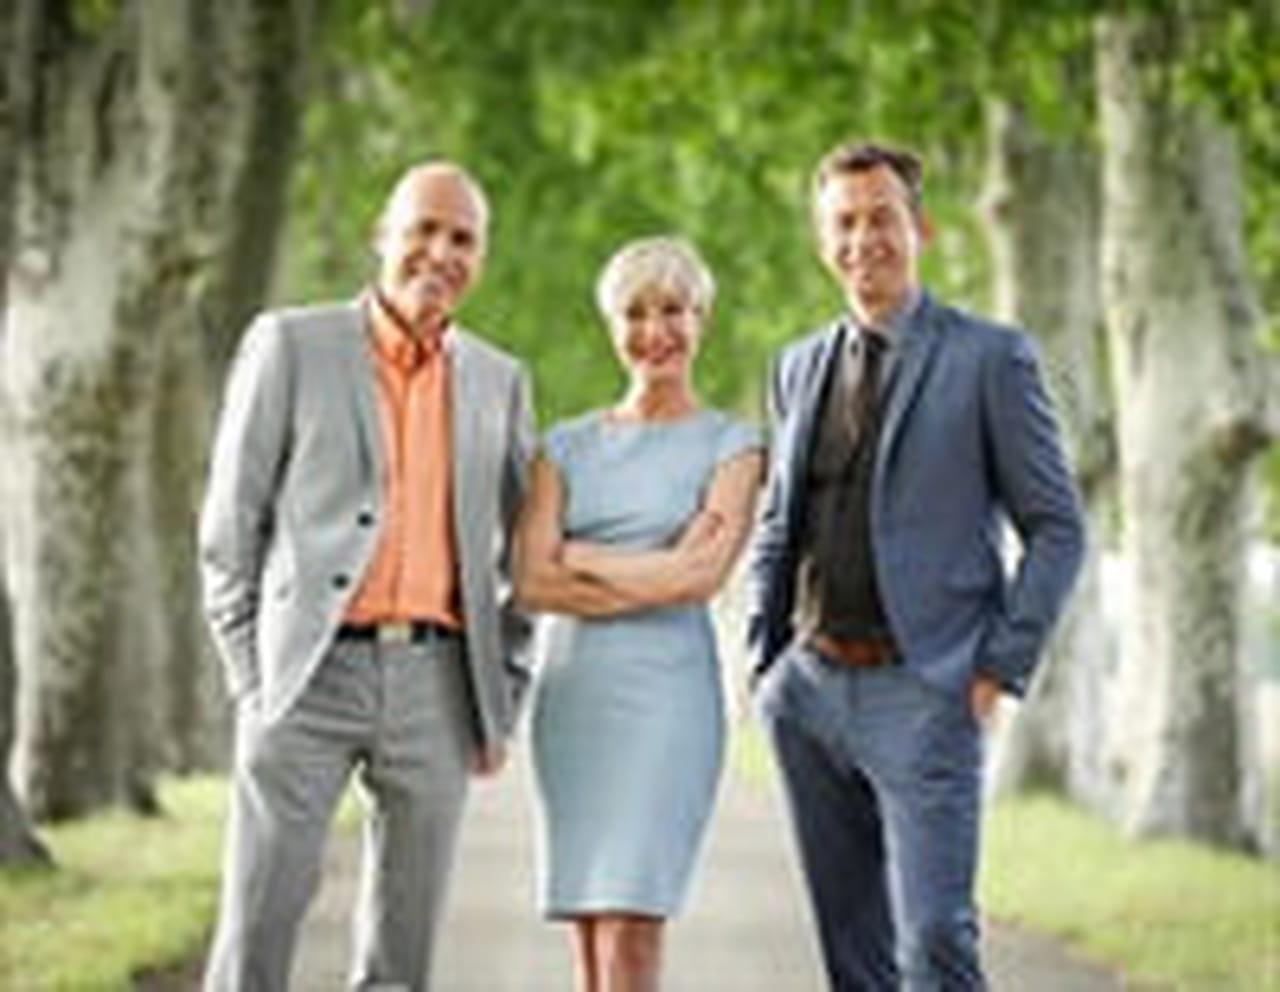 Mariés au premier regard: Florian, Nolwenn, Kévin... Les candidats de la saison 3